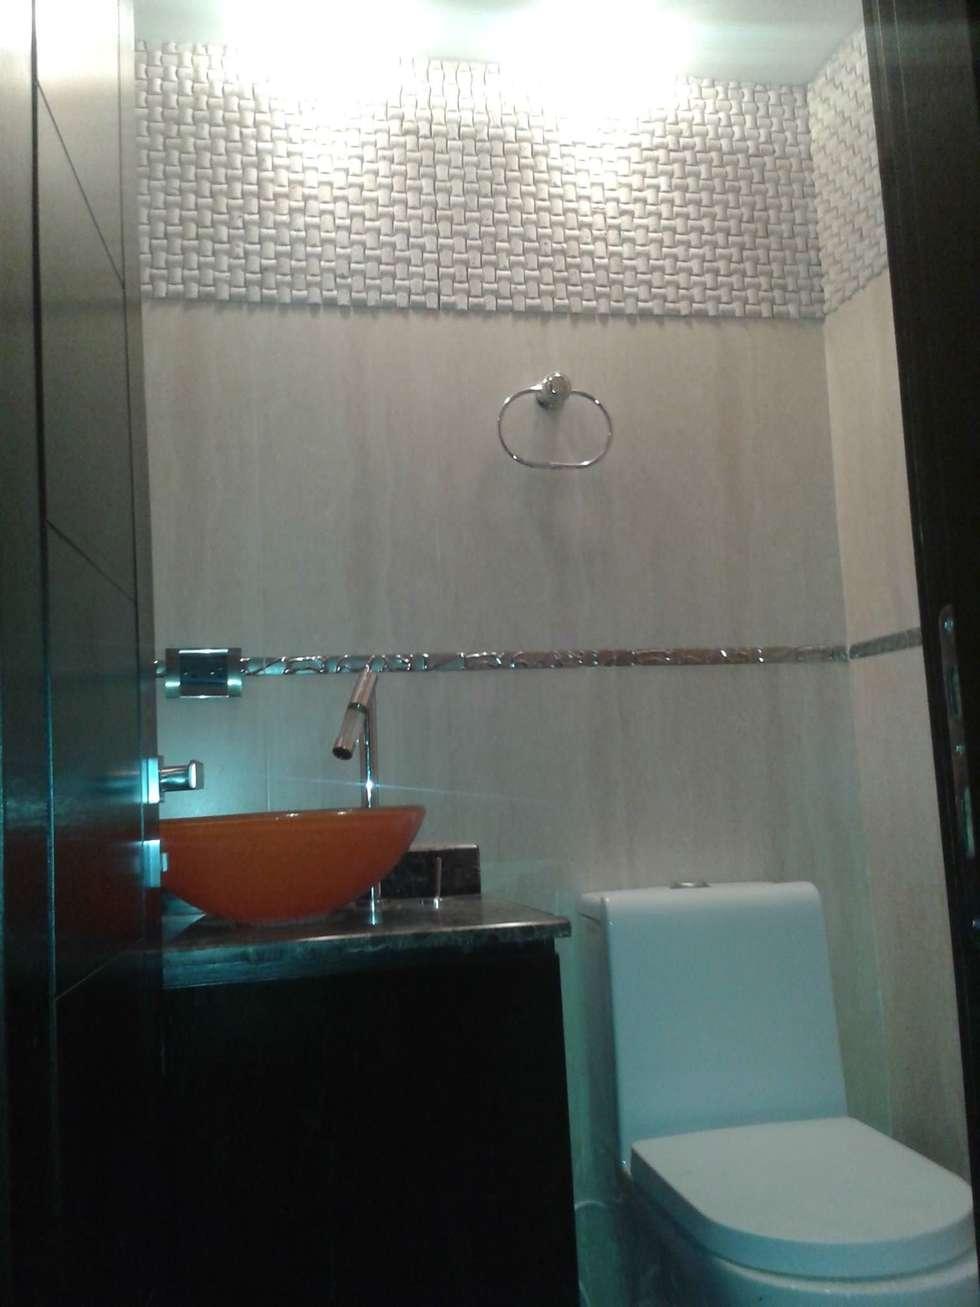 VISTA FRONTAL DE BAÑO DE VISITAS : Baños de estilo minimalista por CelyGarciArquitectos c.a.